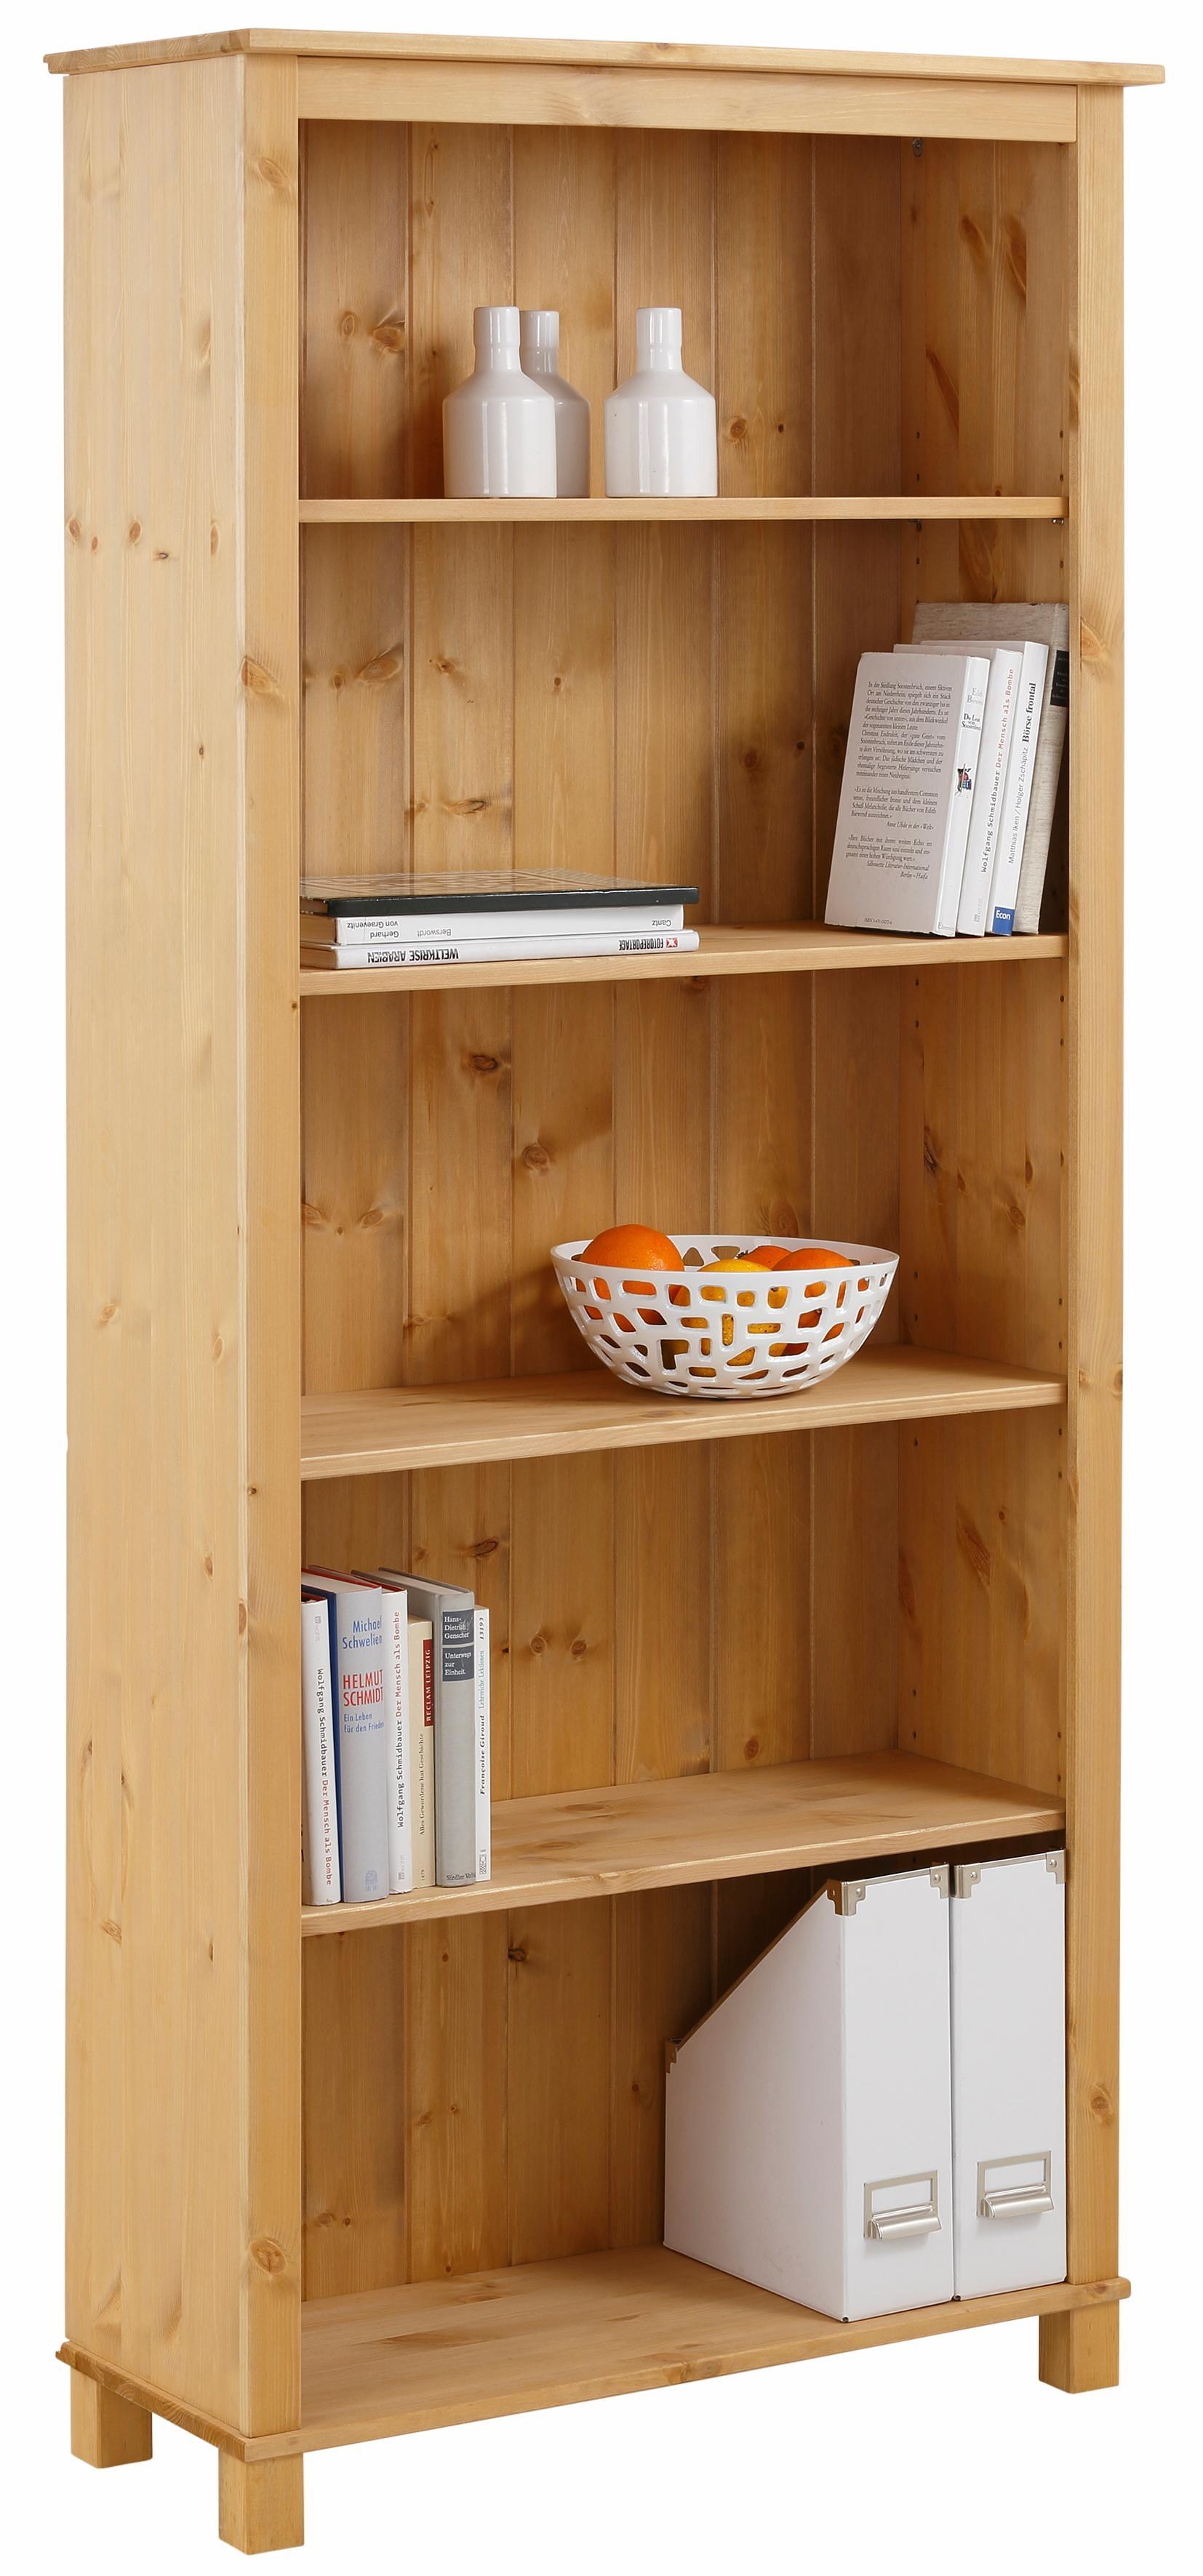 hoogte 106 cm kast kaba mediameubel met 13 vakken boekenkast 3 delig kast kiba eindstelling ems fmd wandrek nora fmd wandrek mika